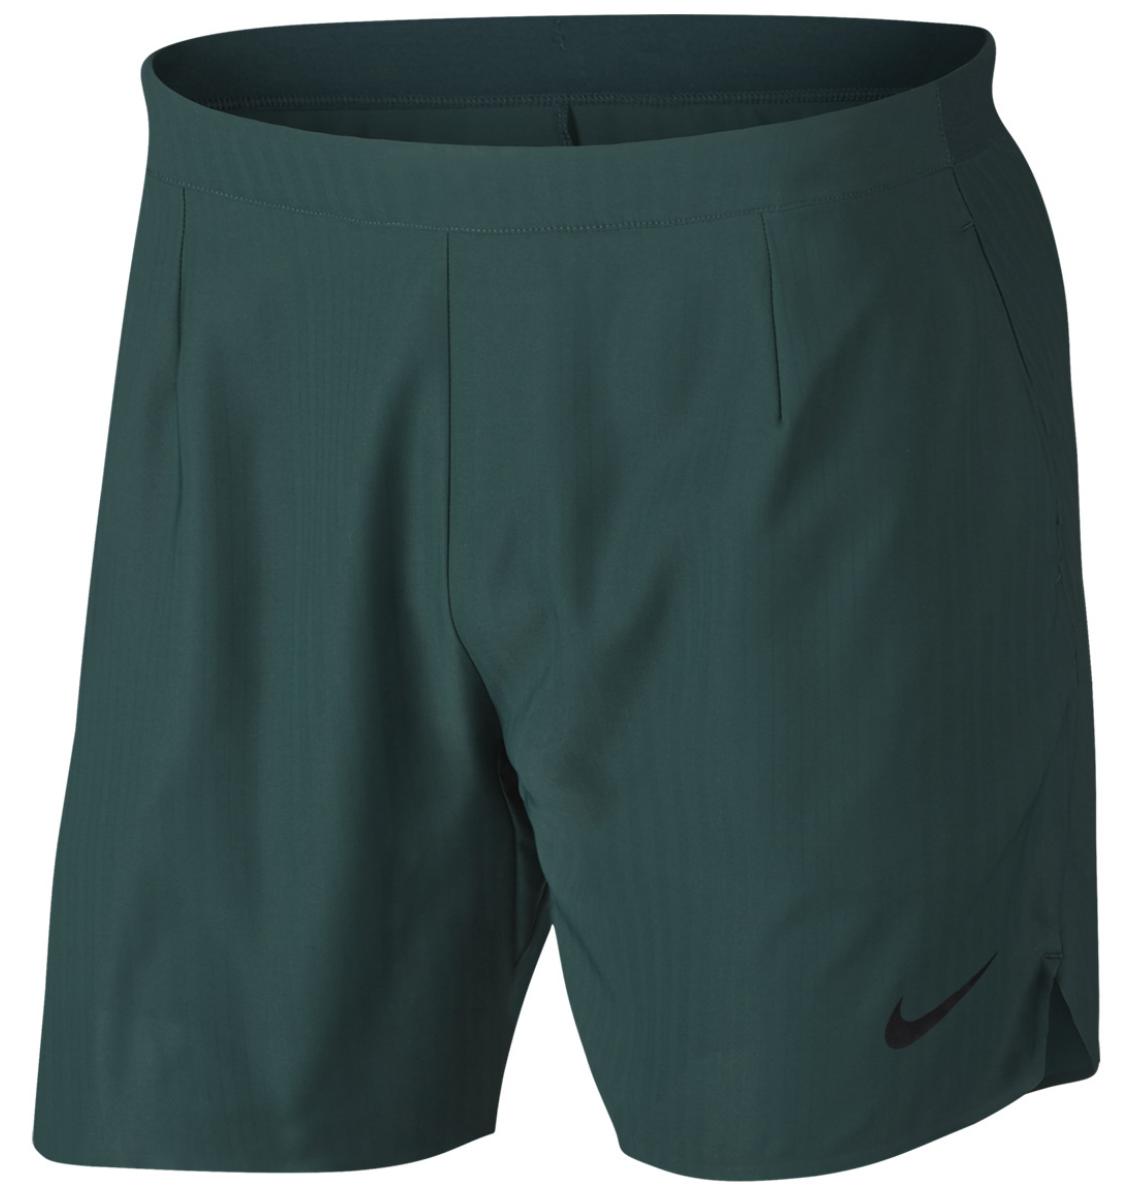 Roger Federer 2017 Nitto ATP Finals Shorts - Roger Federer 2017 Nitto ATP Finals Nike Outfit